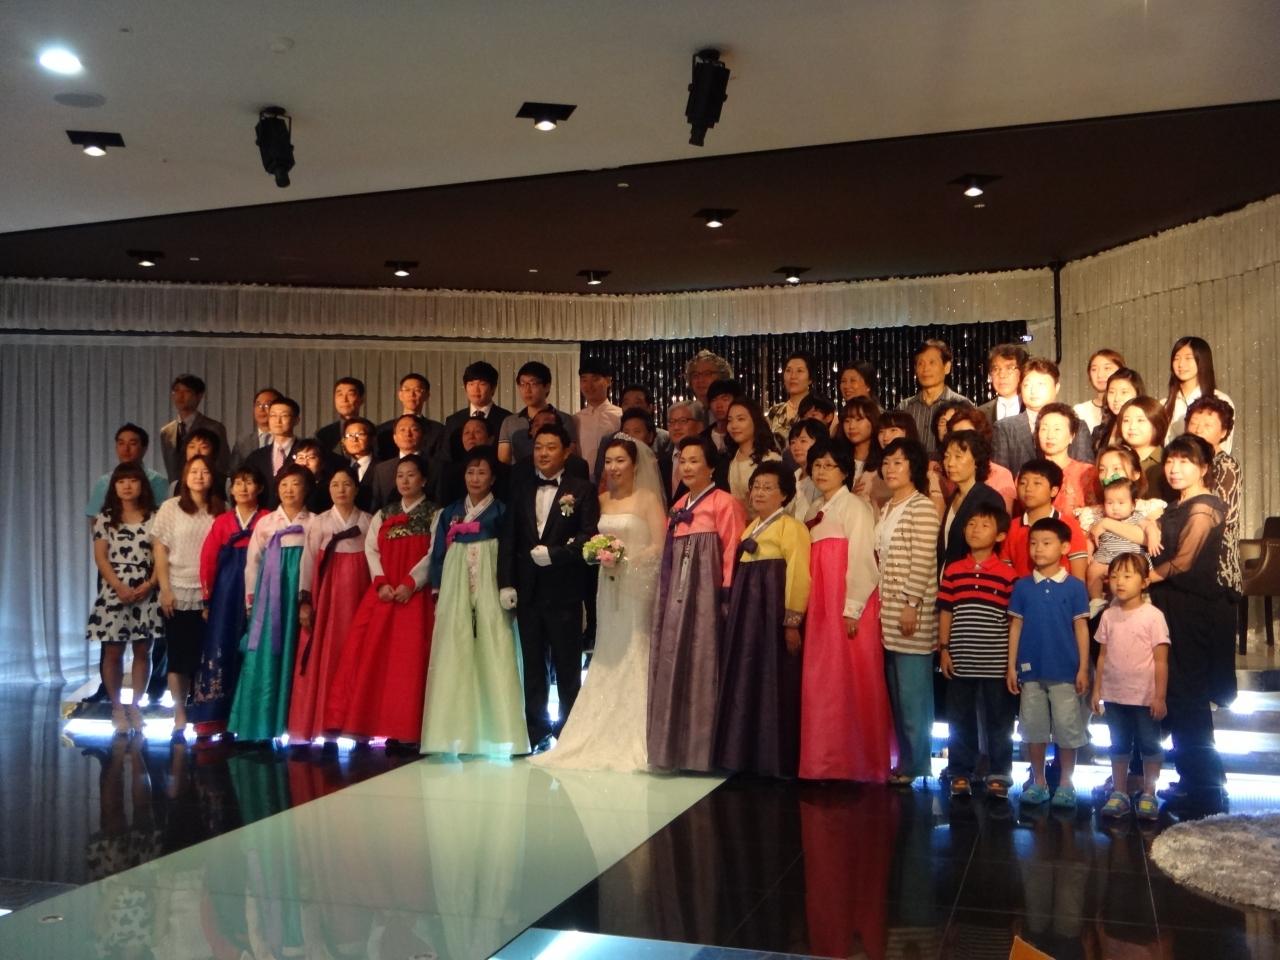 韓国人の友達の結婚式に参加してきました。\u003cbr /